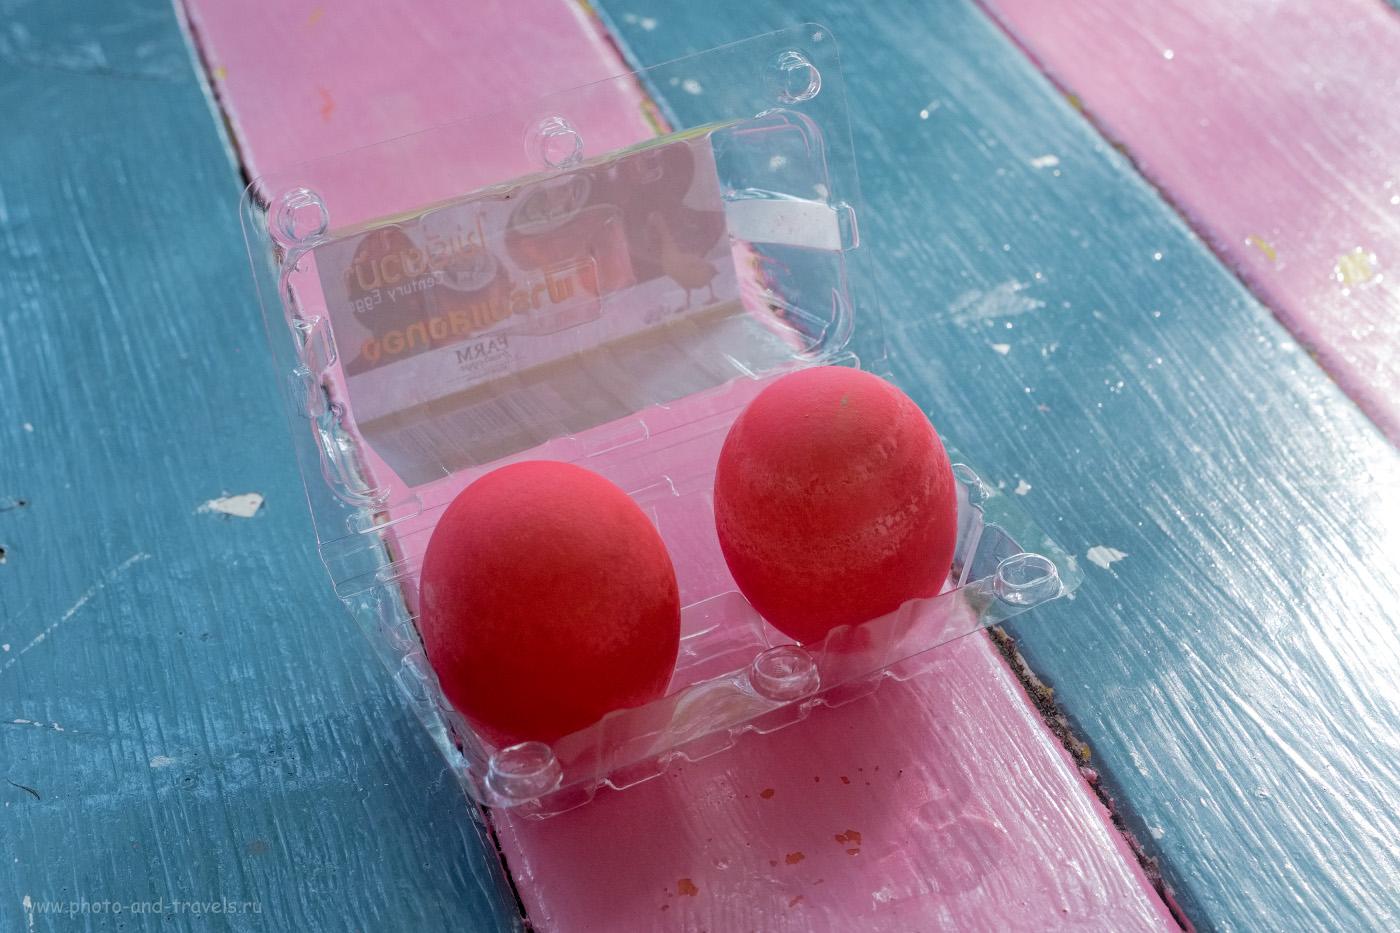 15. Утиные яйца в Таиланде. Чем кормить ребенка на отдыхе? 1/200, 8.0, 1000, +0.33, 40.